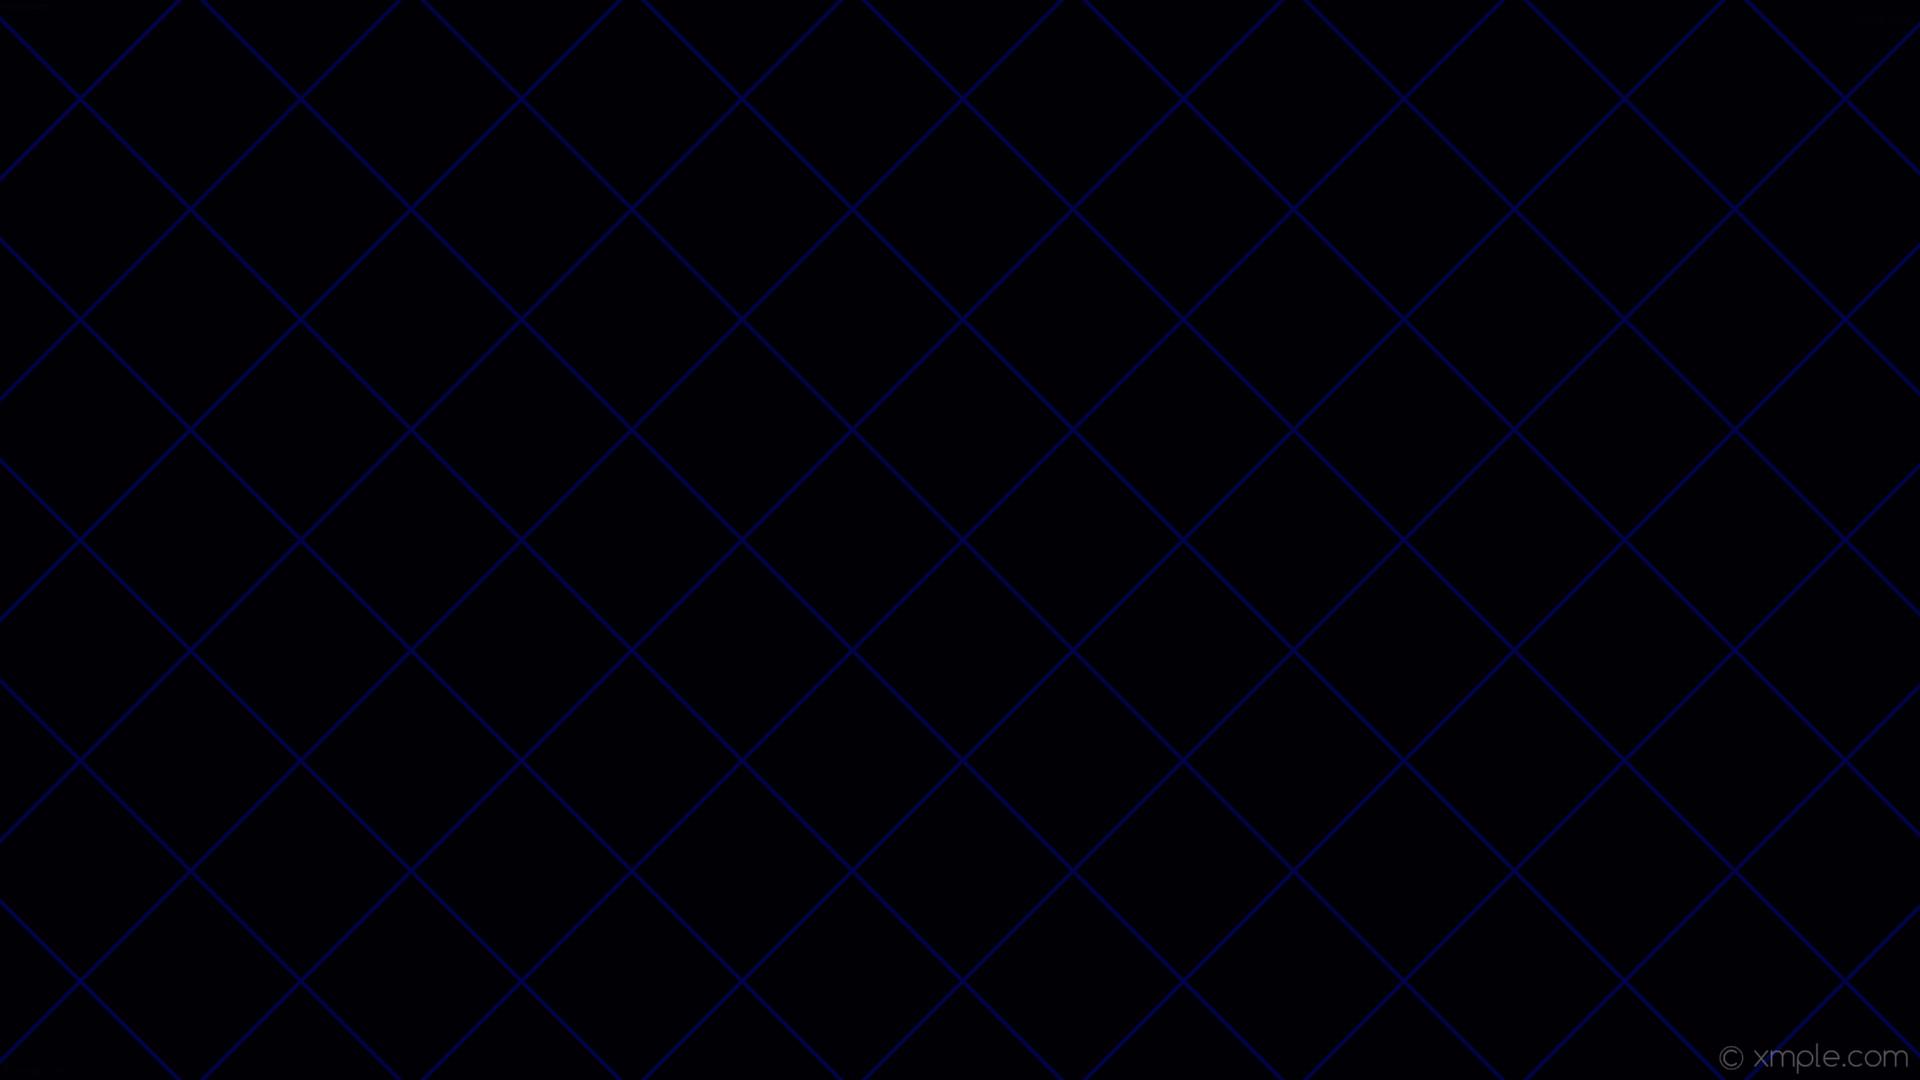 wallpaper graph paper blue black grid #000005 #040363 45° 4px 156px